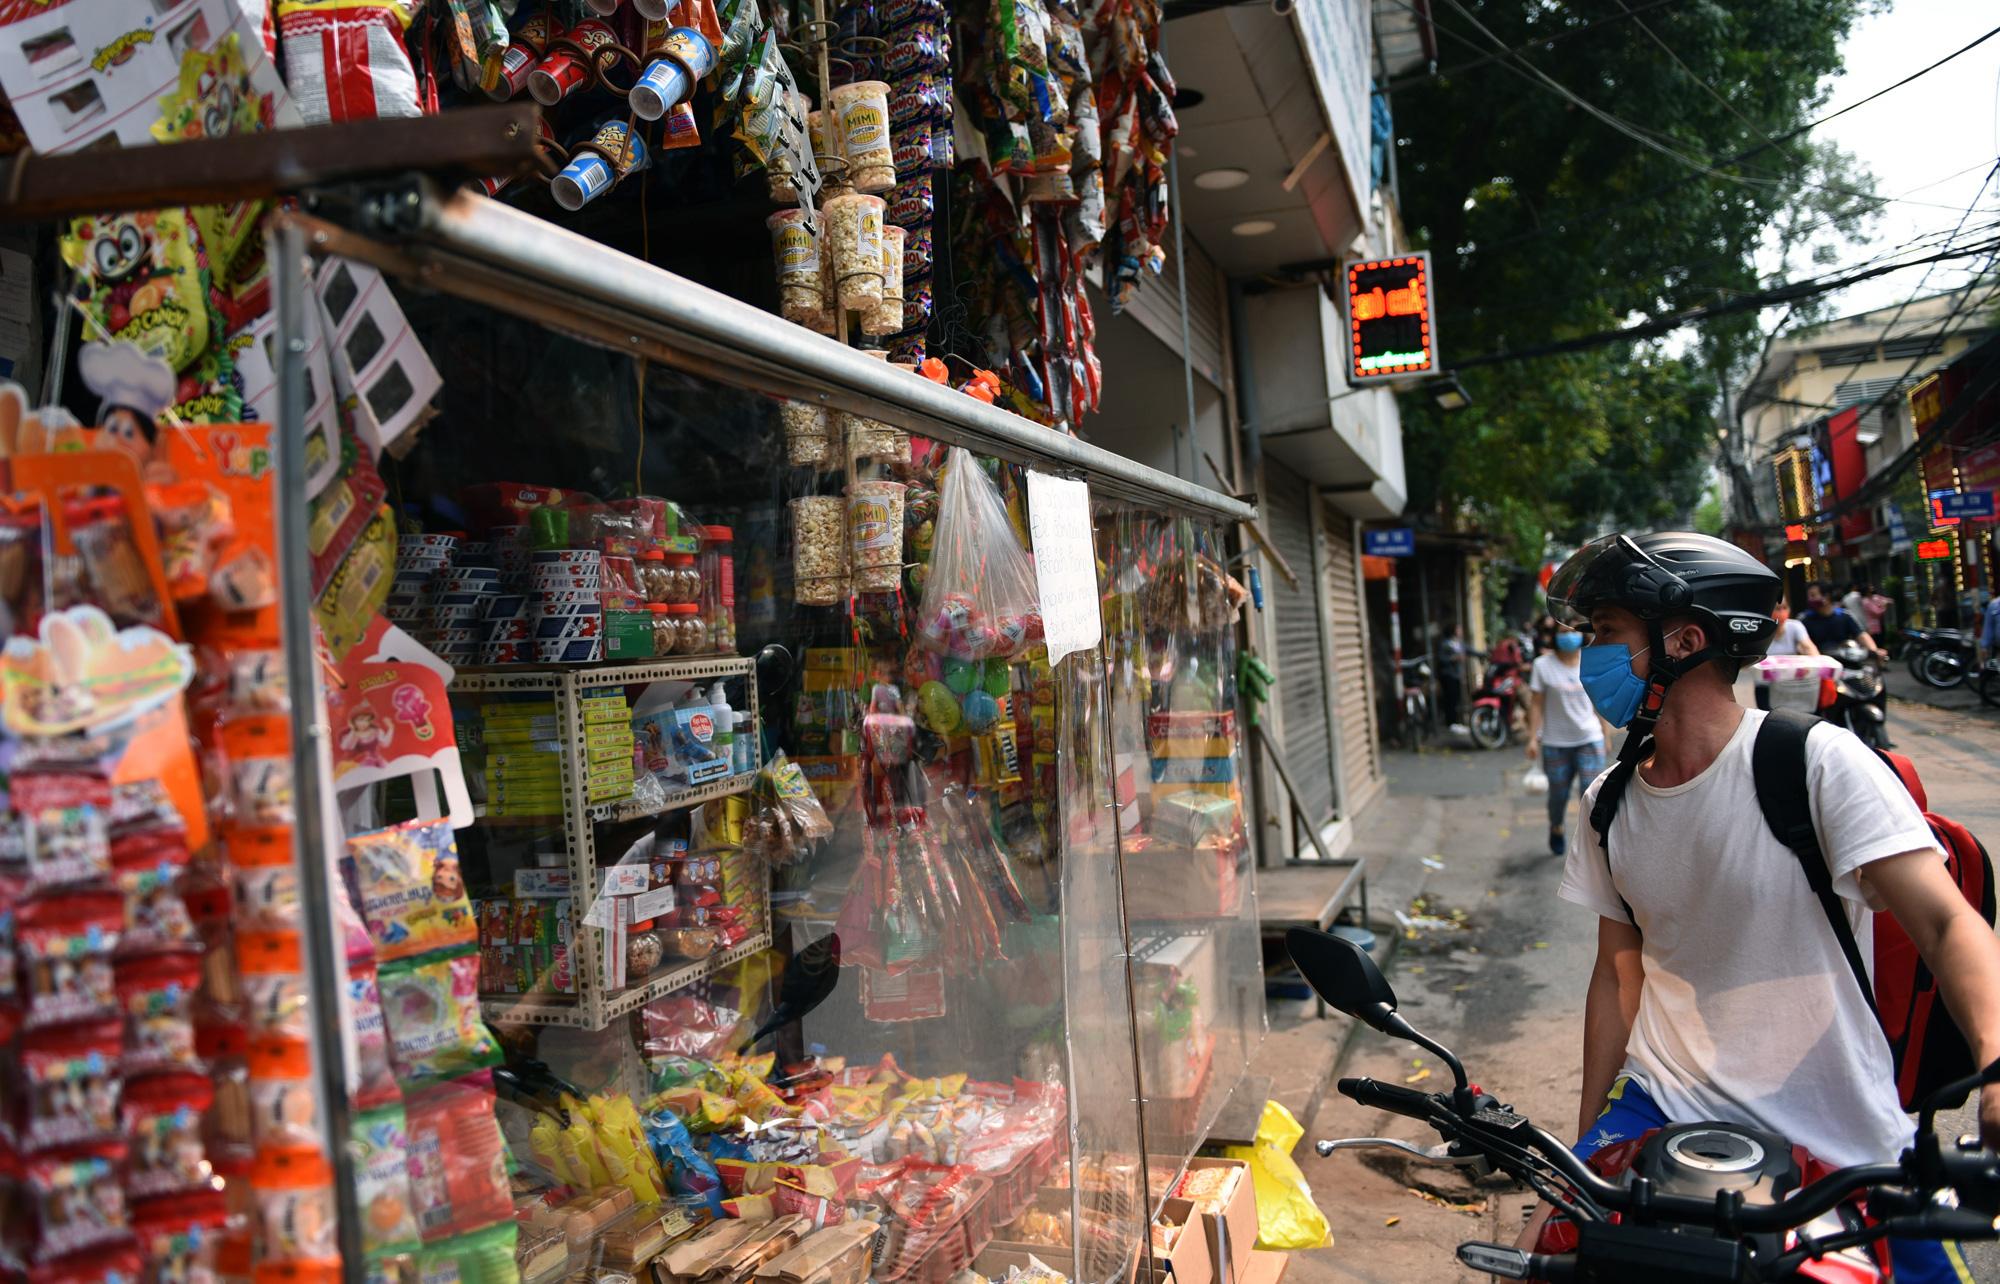 Hà Nội giữa dịch Covid-19: Người dân mặc áo mưa đi mua hàng, nhiều quán cà phê vẫn mở cửa - Ảnh 7.